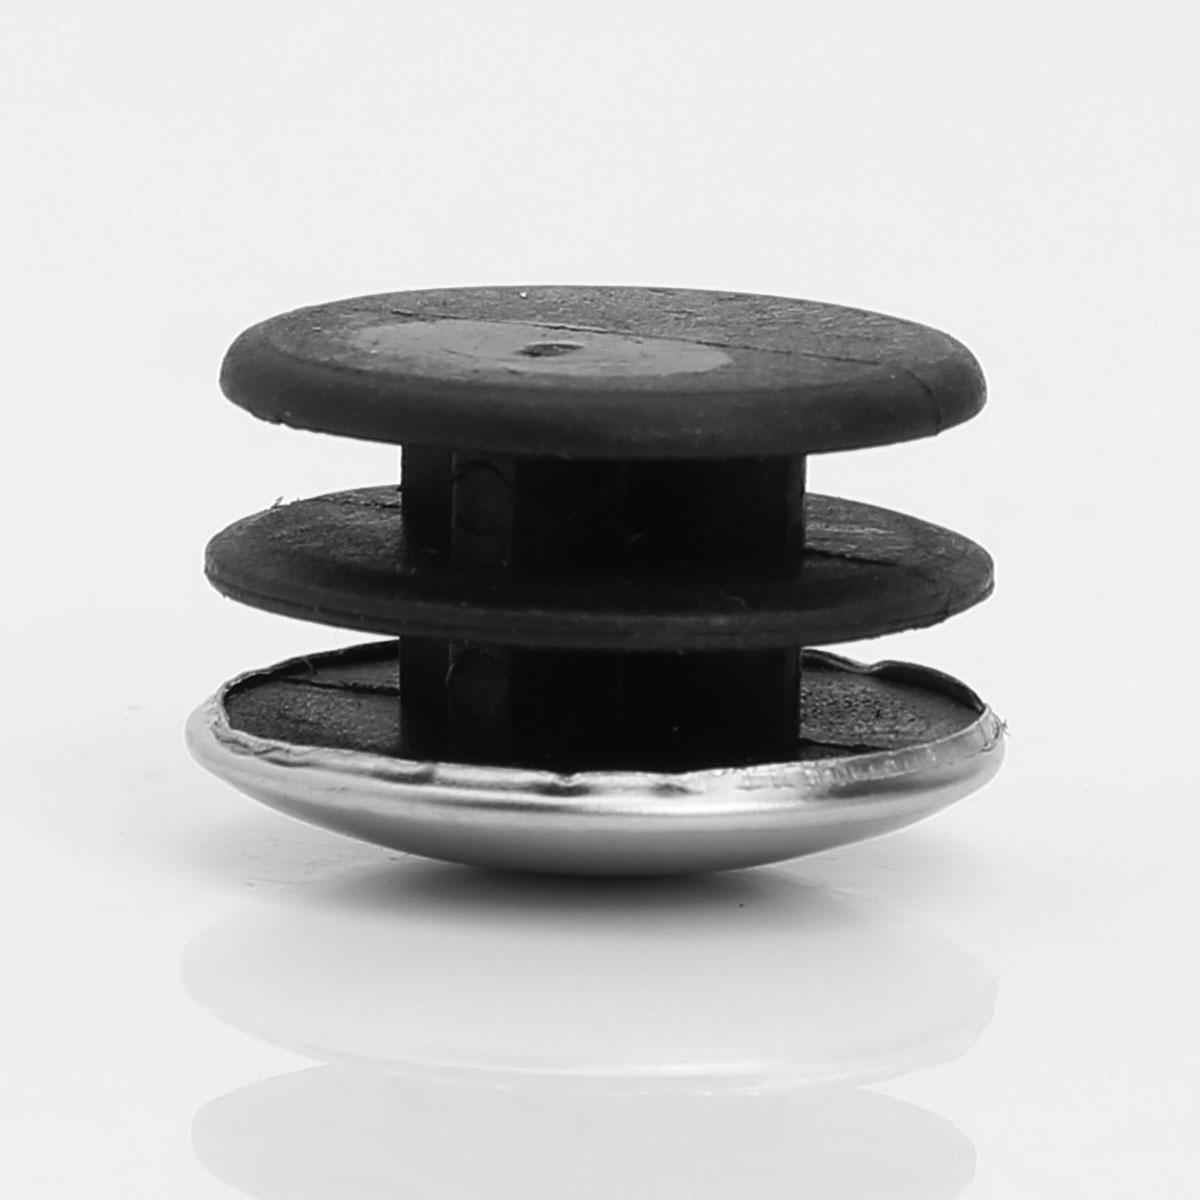 10 штепсельных труб из нержавеющей стали пластиковые трубки концевые колпачки круглые пылезащитные крышки домашний стол стул ноги Вставки колодки пол протектор оборудования-2